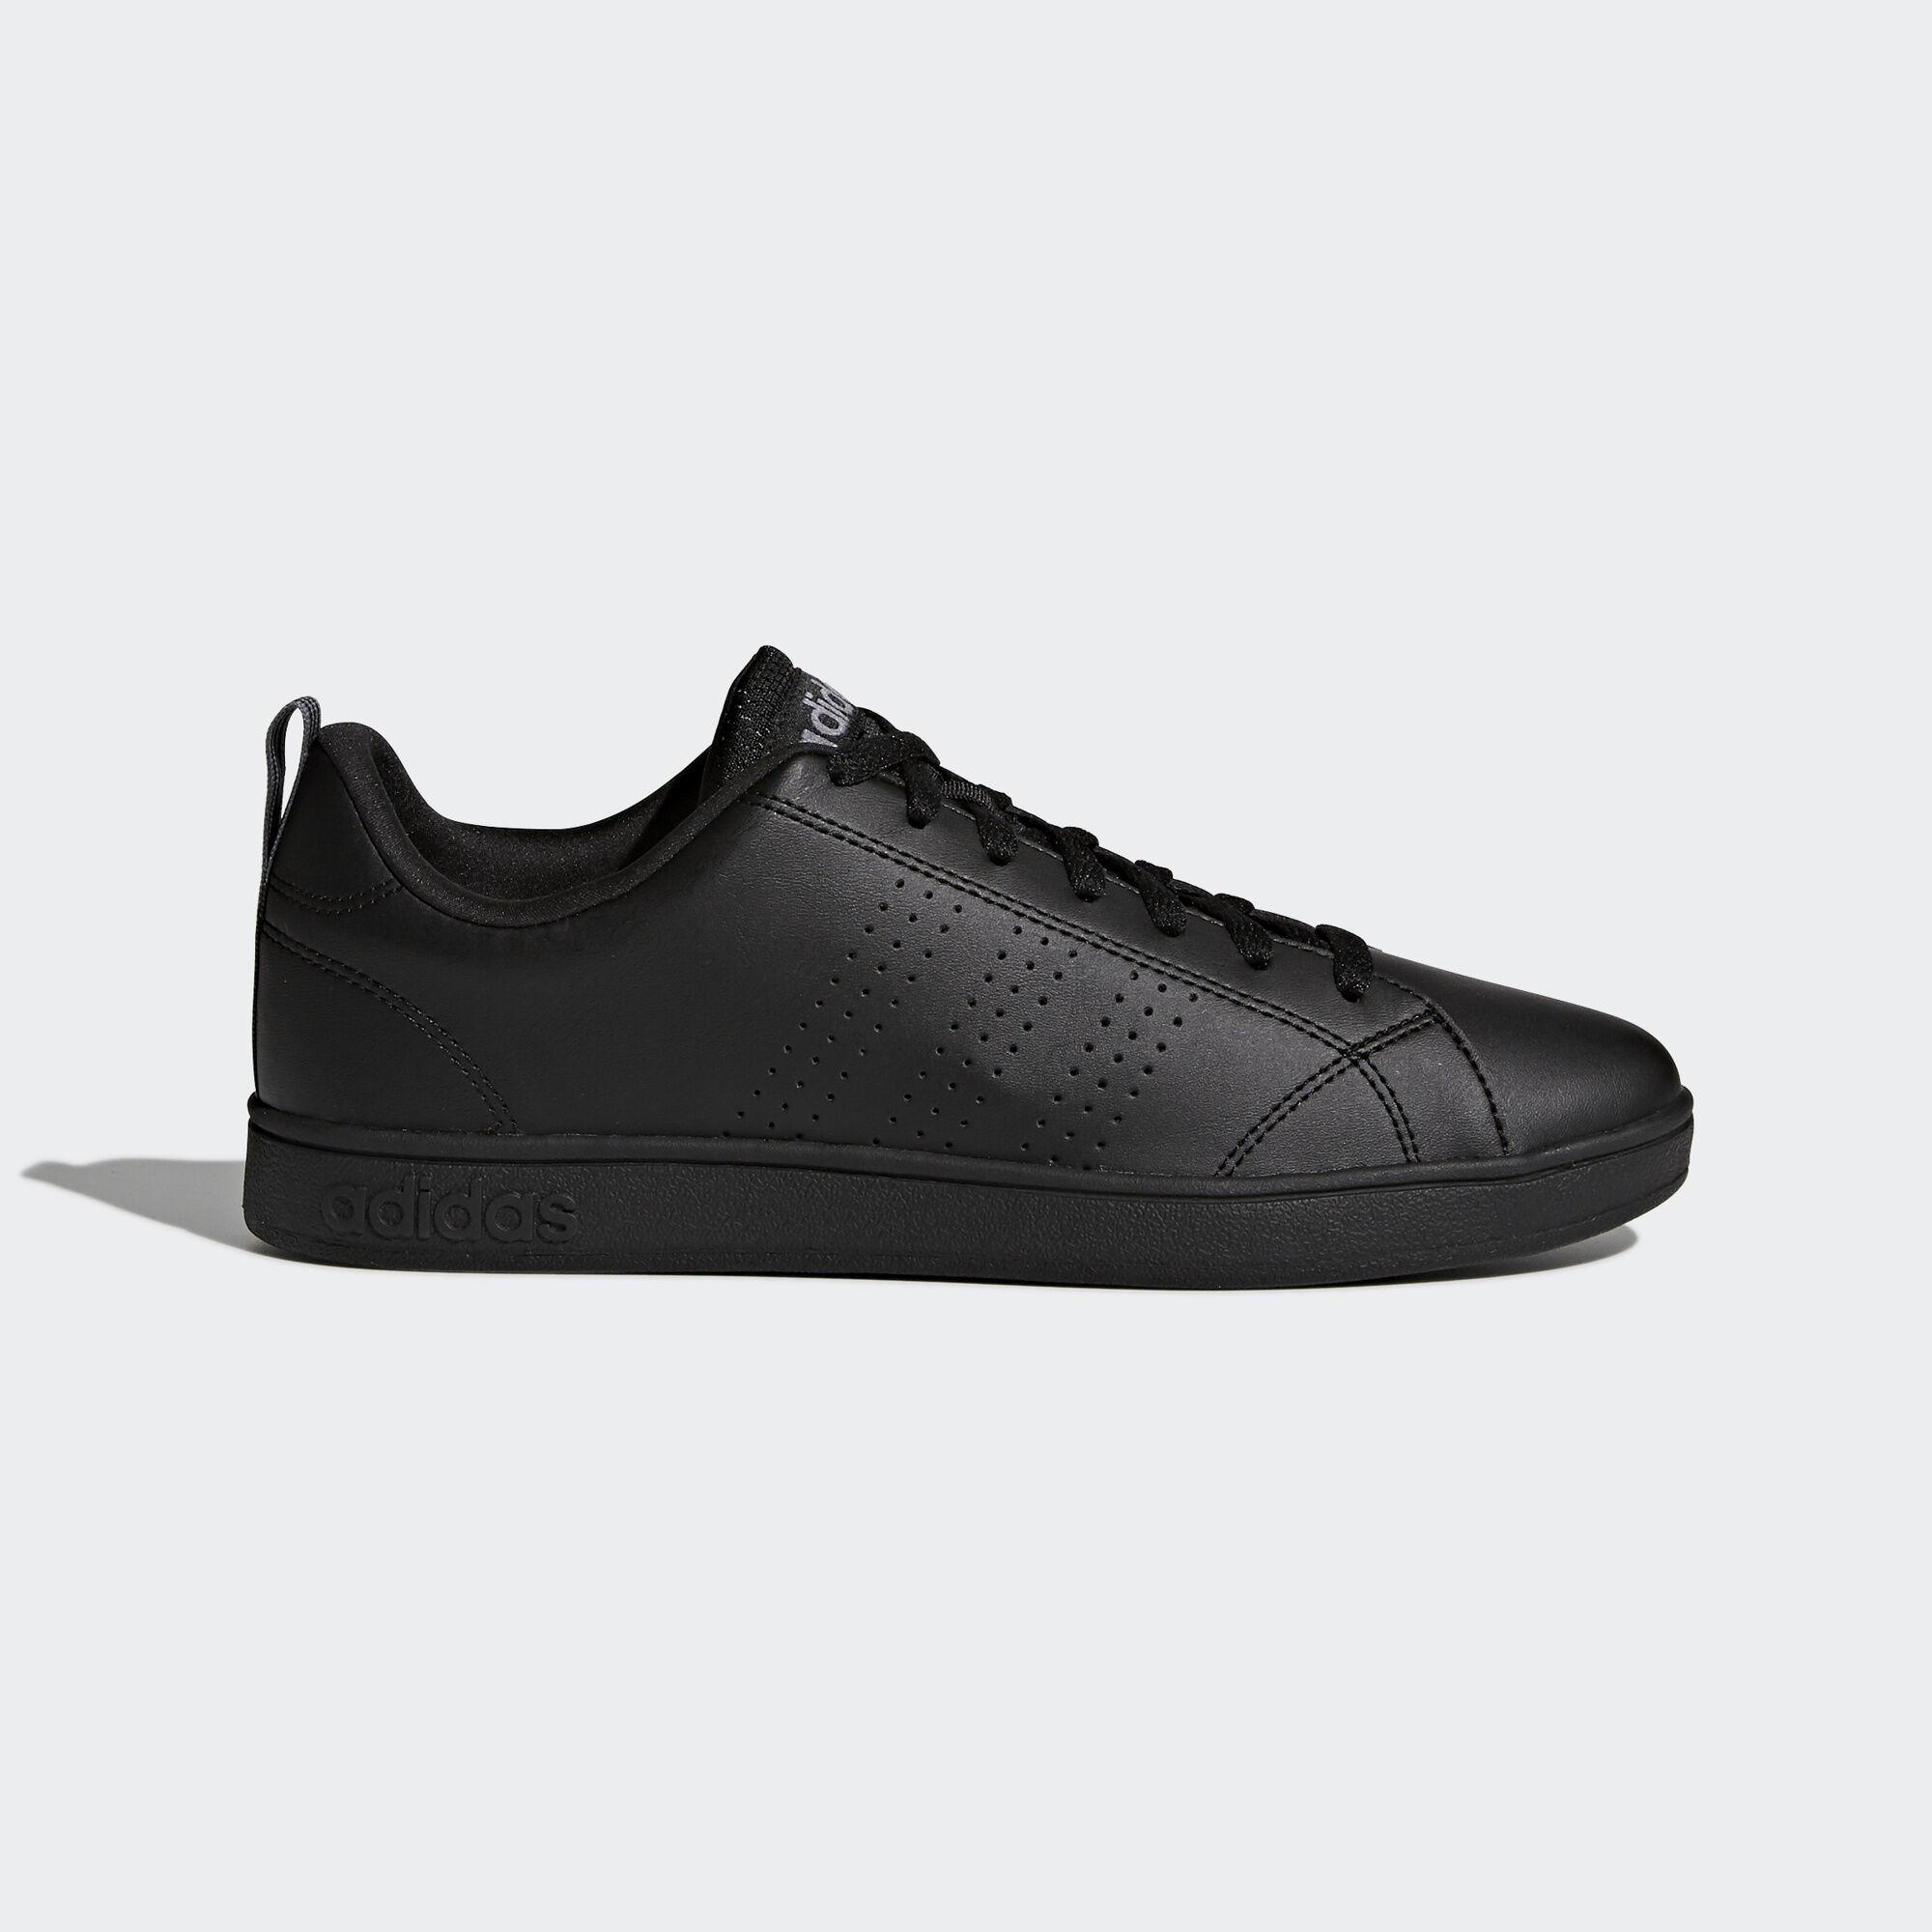 Adidas vs ventaja limpiar zapatos adidas negro regional